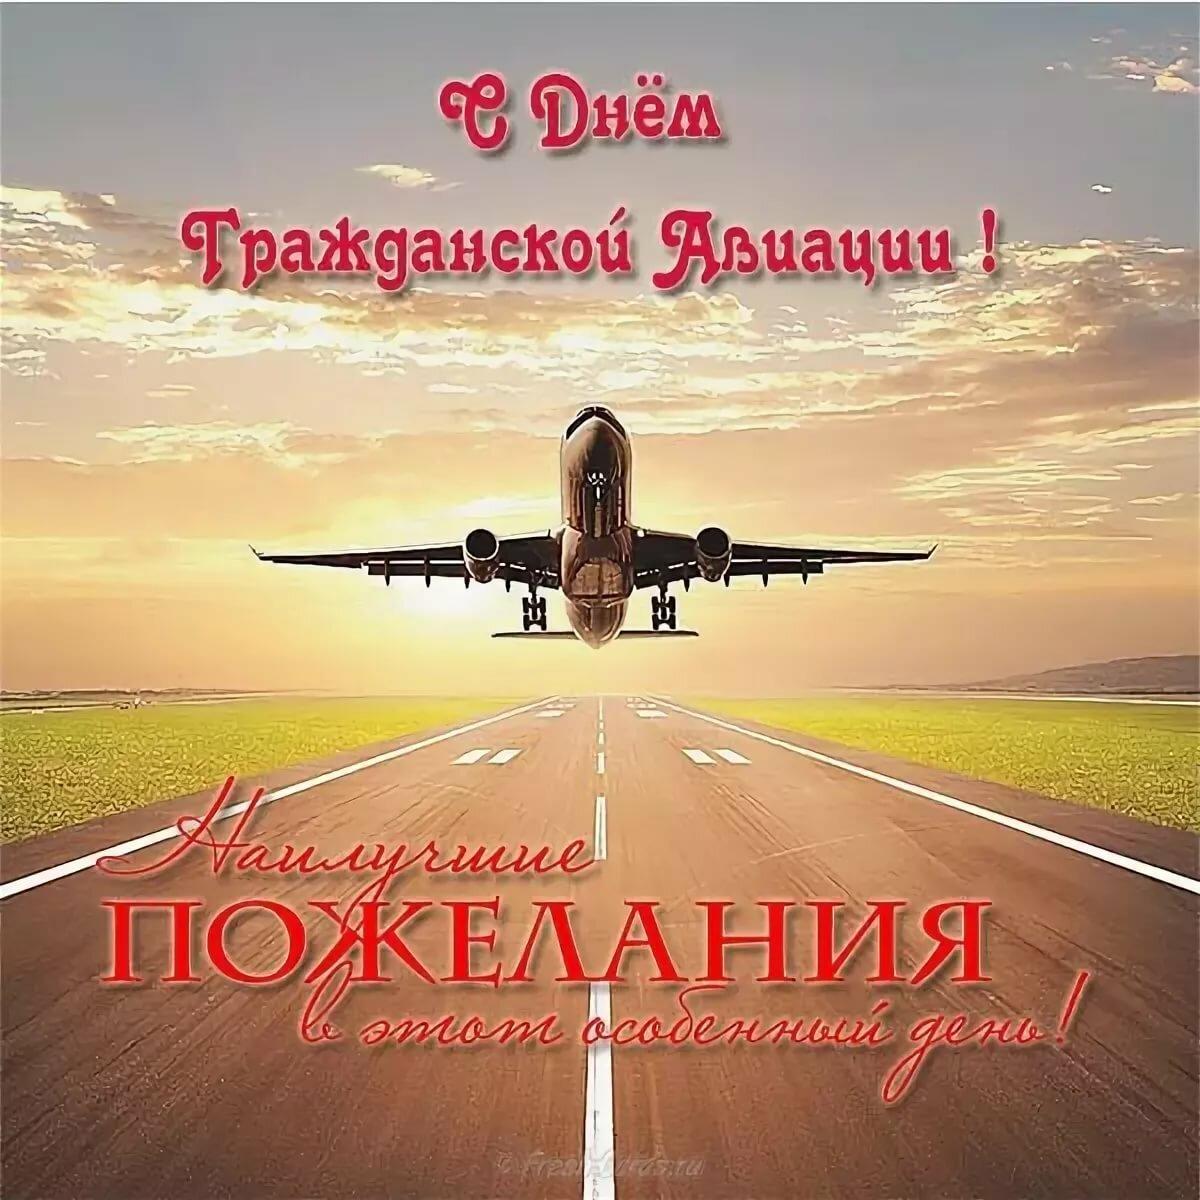 День авиации поздравления в картинках, фотографиями открыток